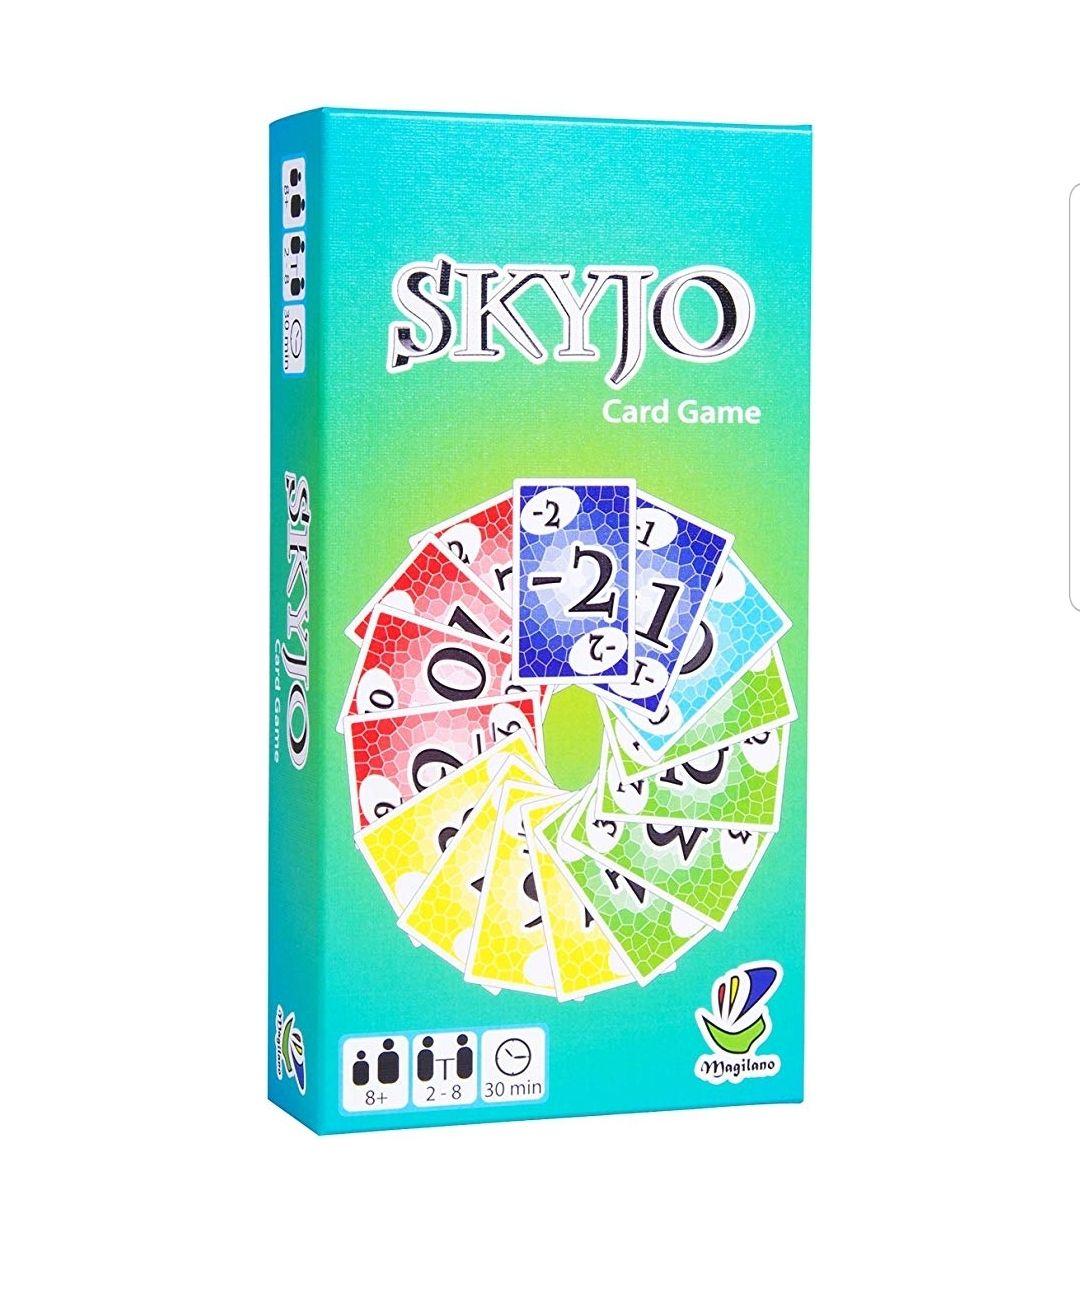 Juego de cartas Skyjo